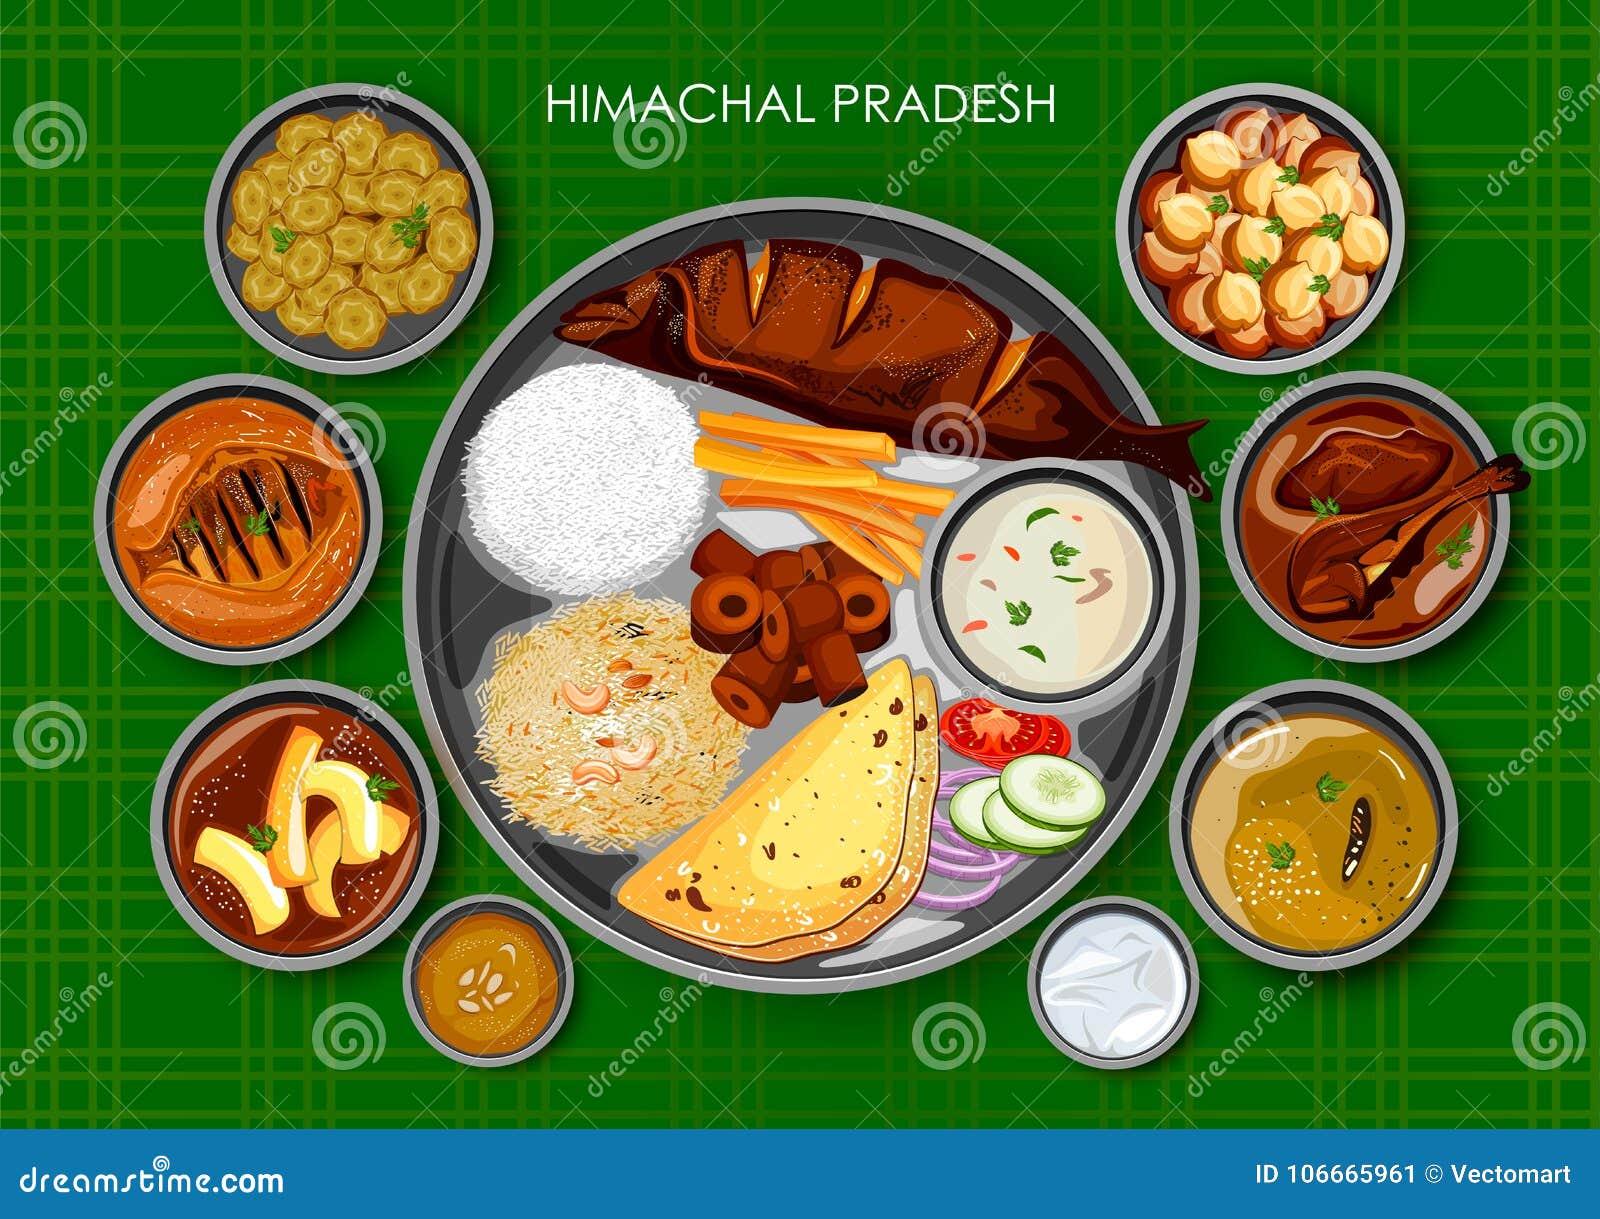 Traditionell thali för Himachali kokkonst- och matmål